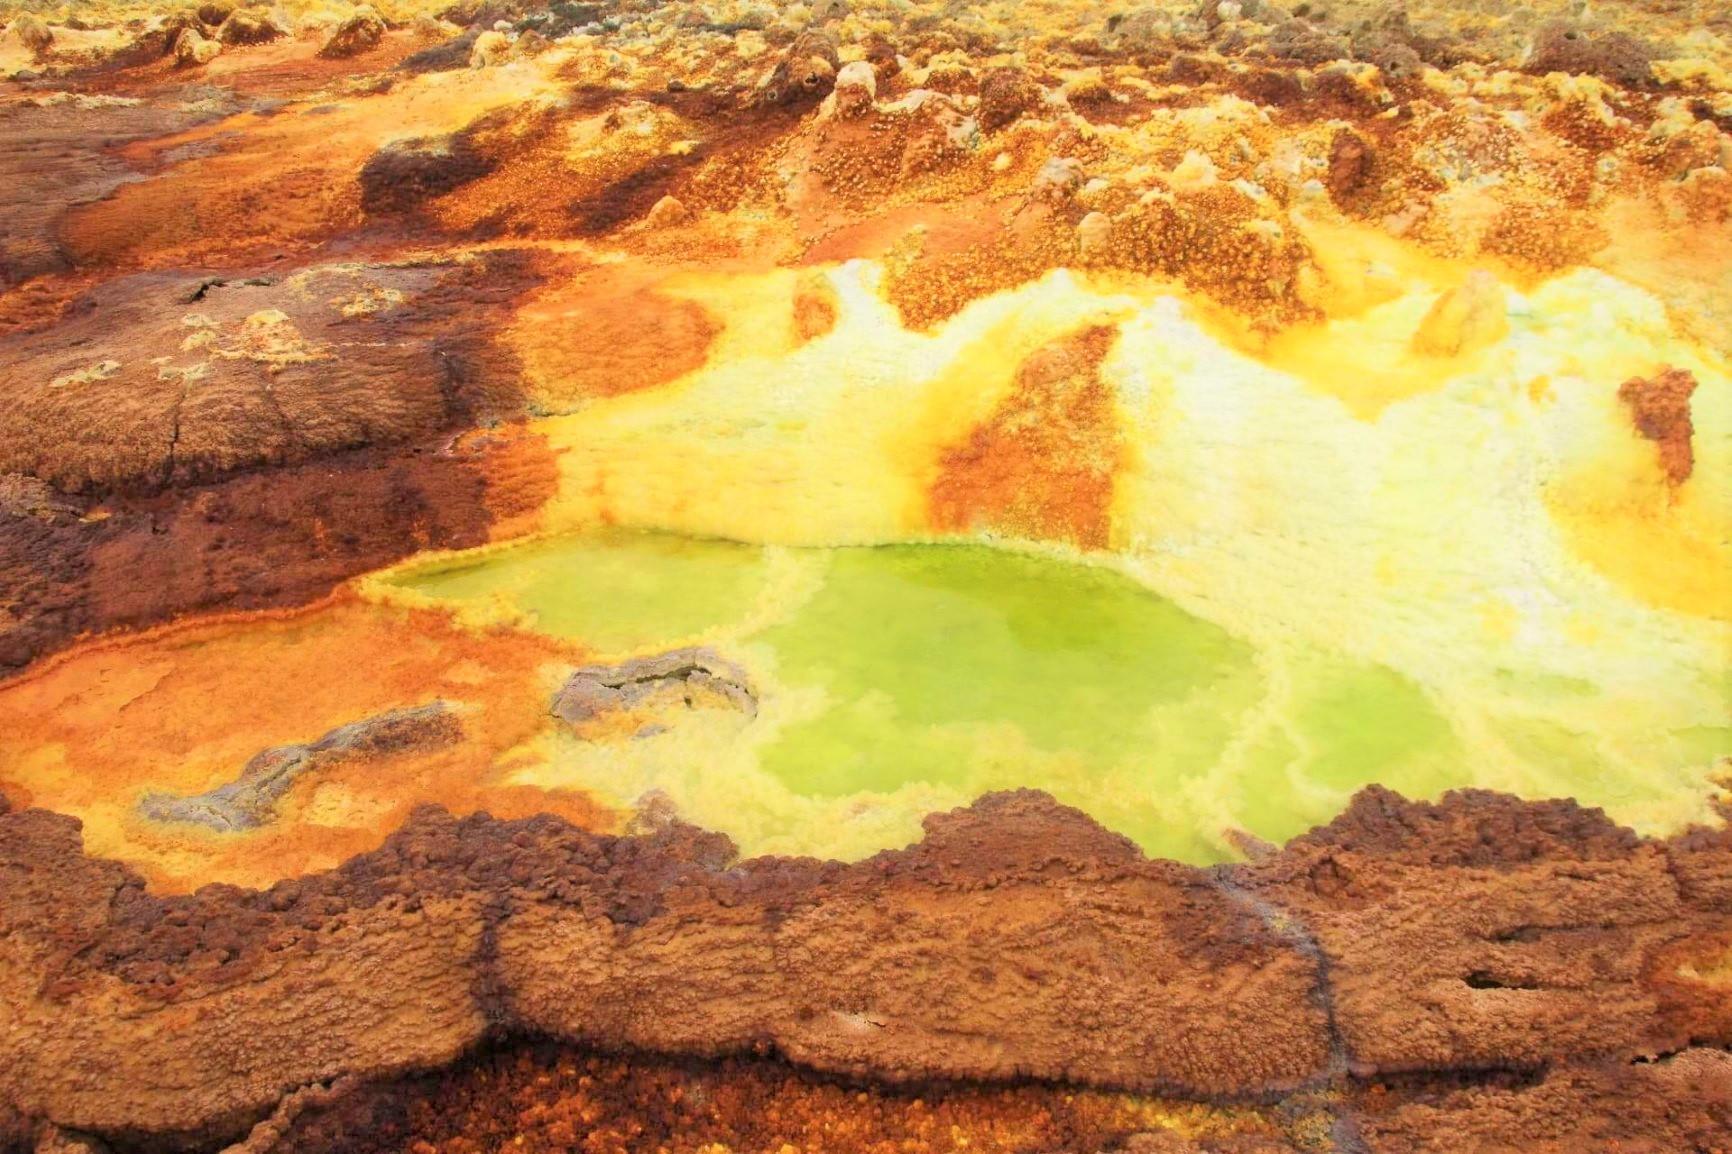 大自然の驚異ダナキル砂漠